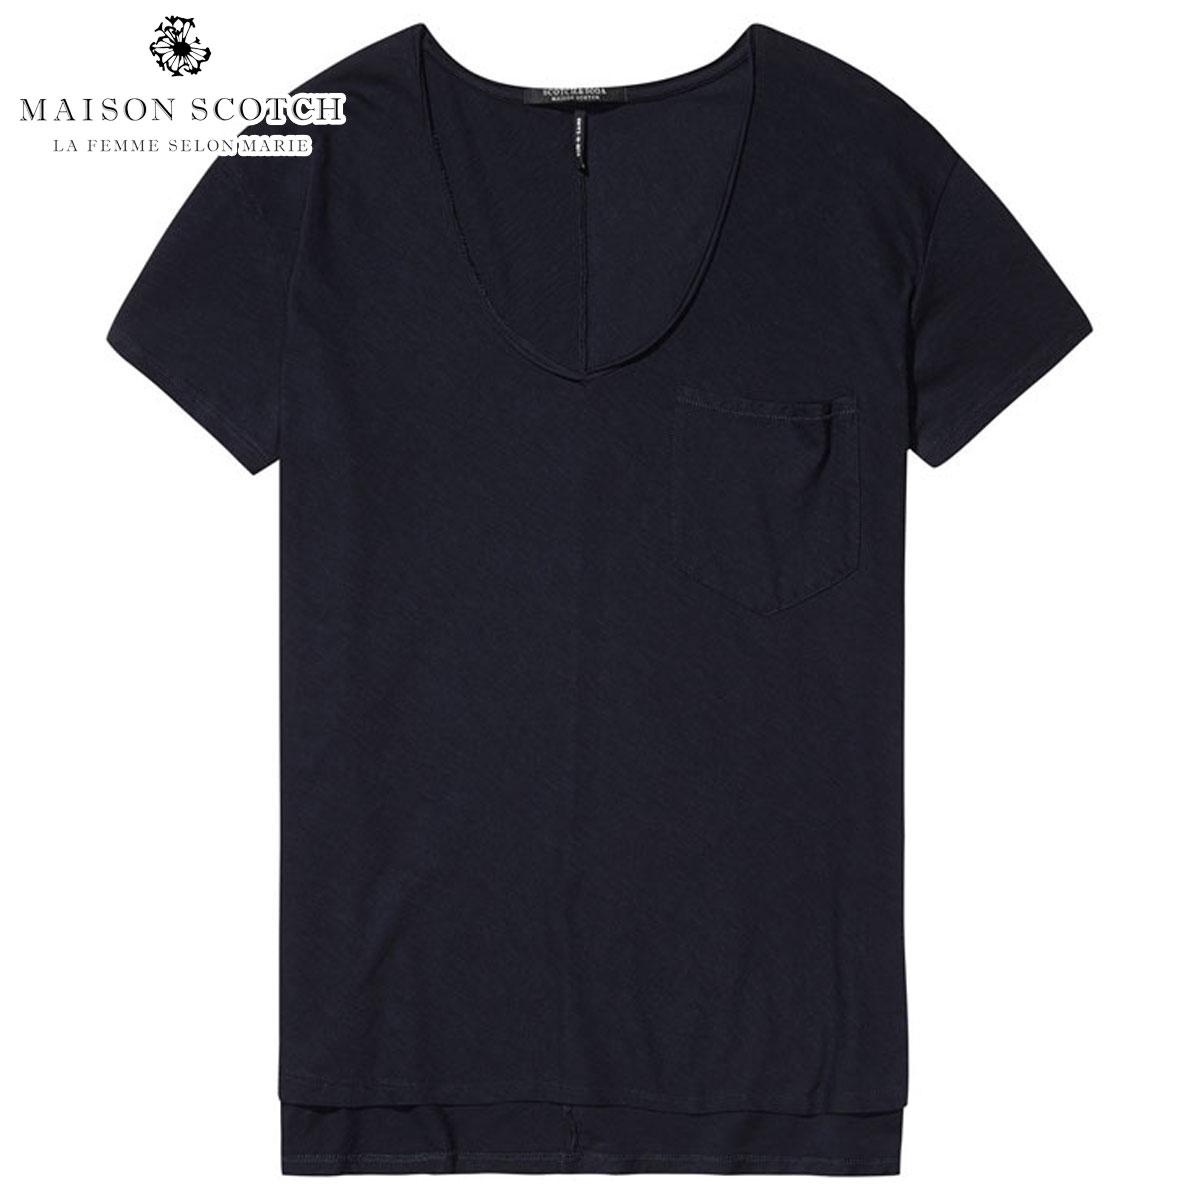 メゾンスコッチ MAISON SCOTCH 正規販売店 レディース 半袖Tシャツ BASIC CHEST POCKET T-SHIRT 137312 4 NAVY